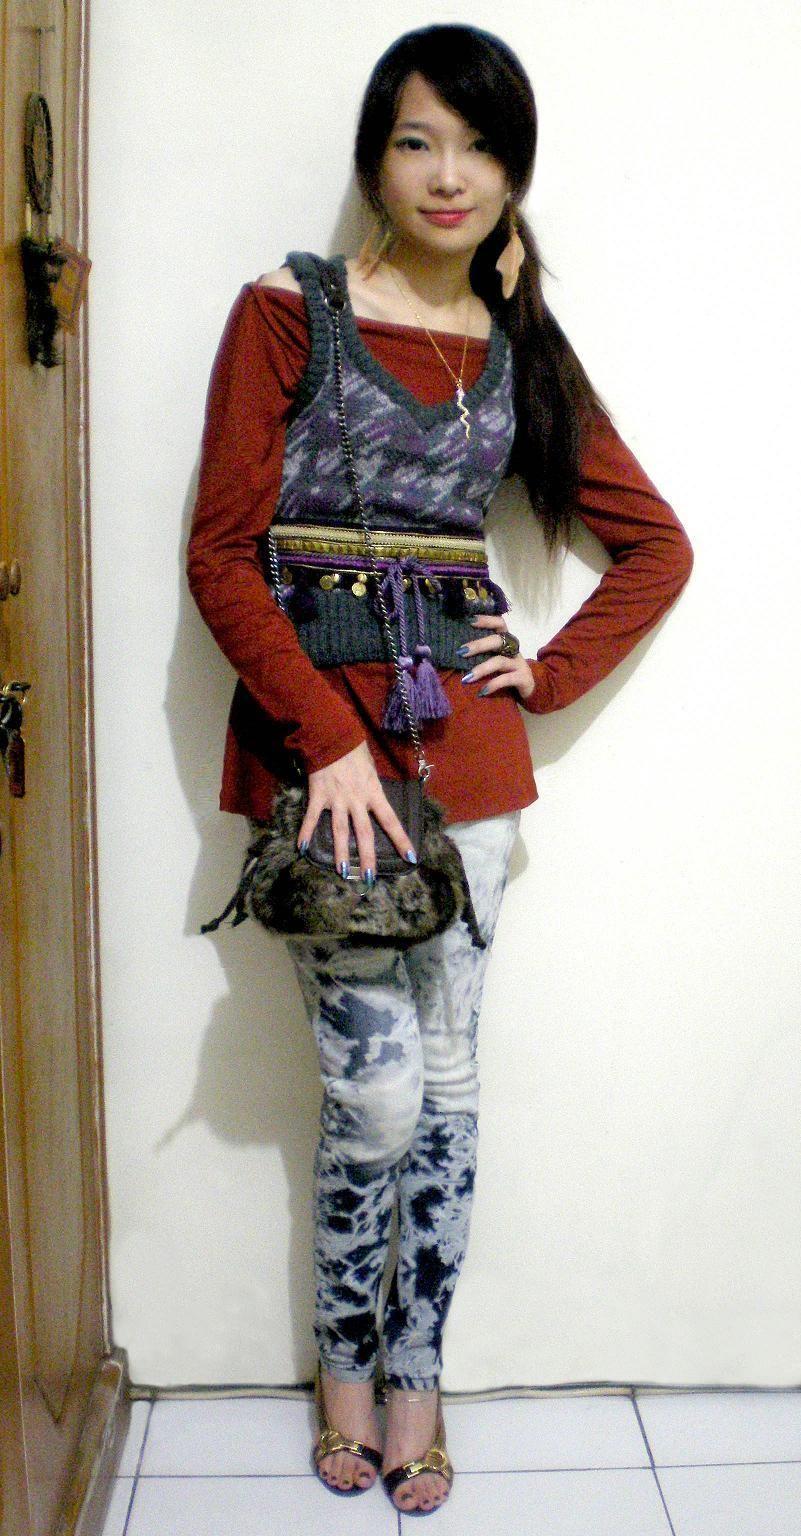 Oriental + Bohemian style